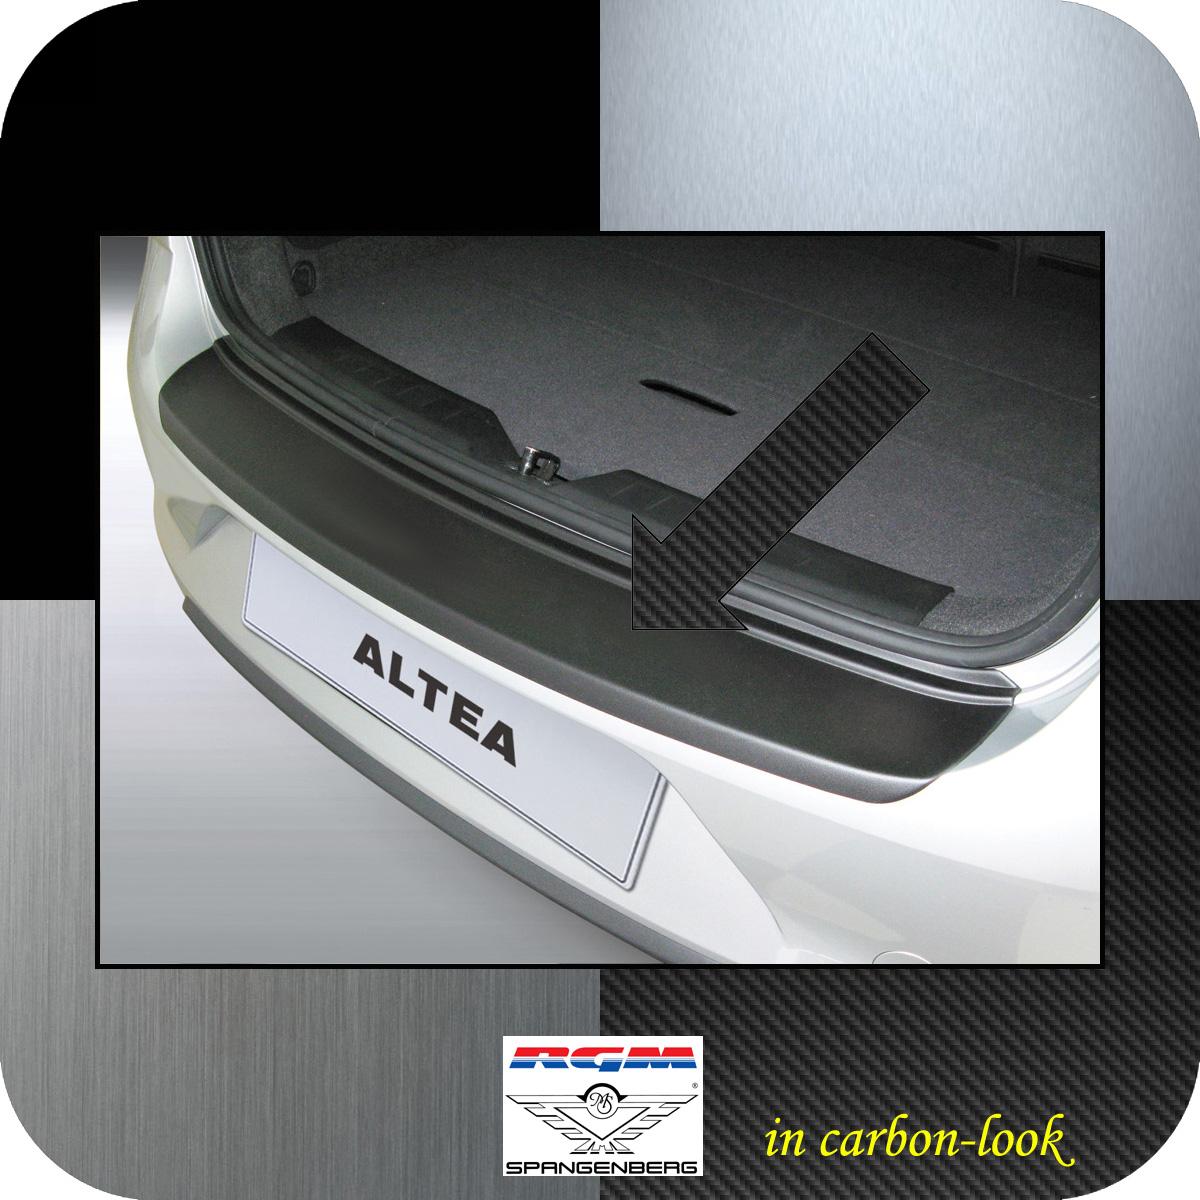 Ladekantenschutz Carbon-Look Seat Altea Van Kombi ab facelift 2009-2015 3509518